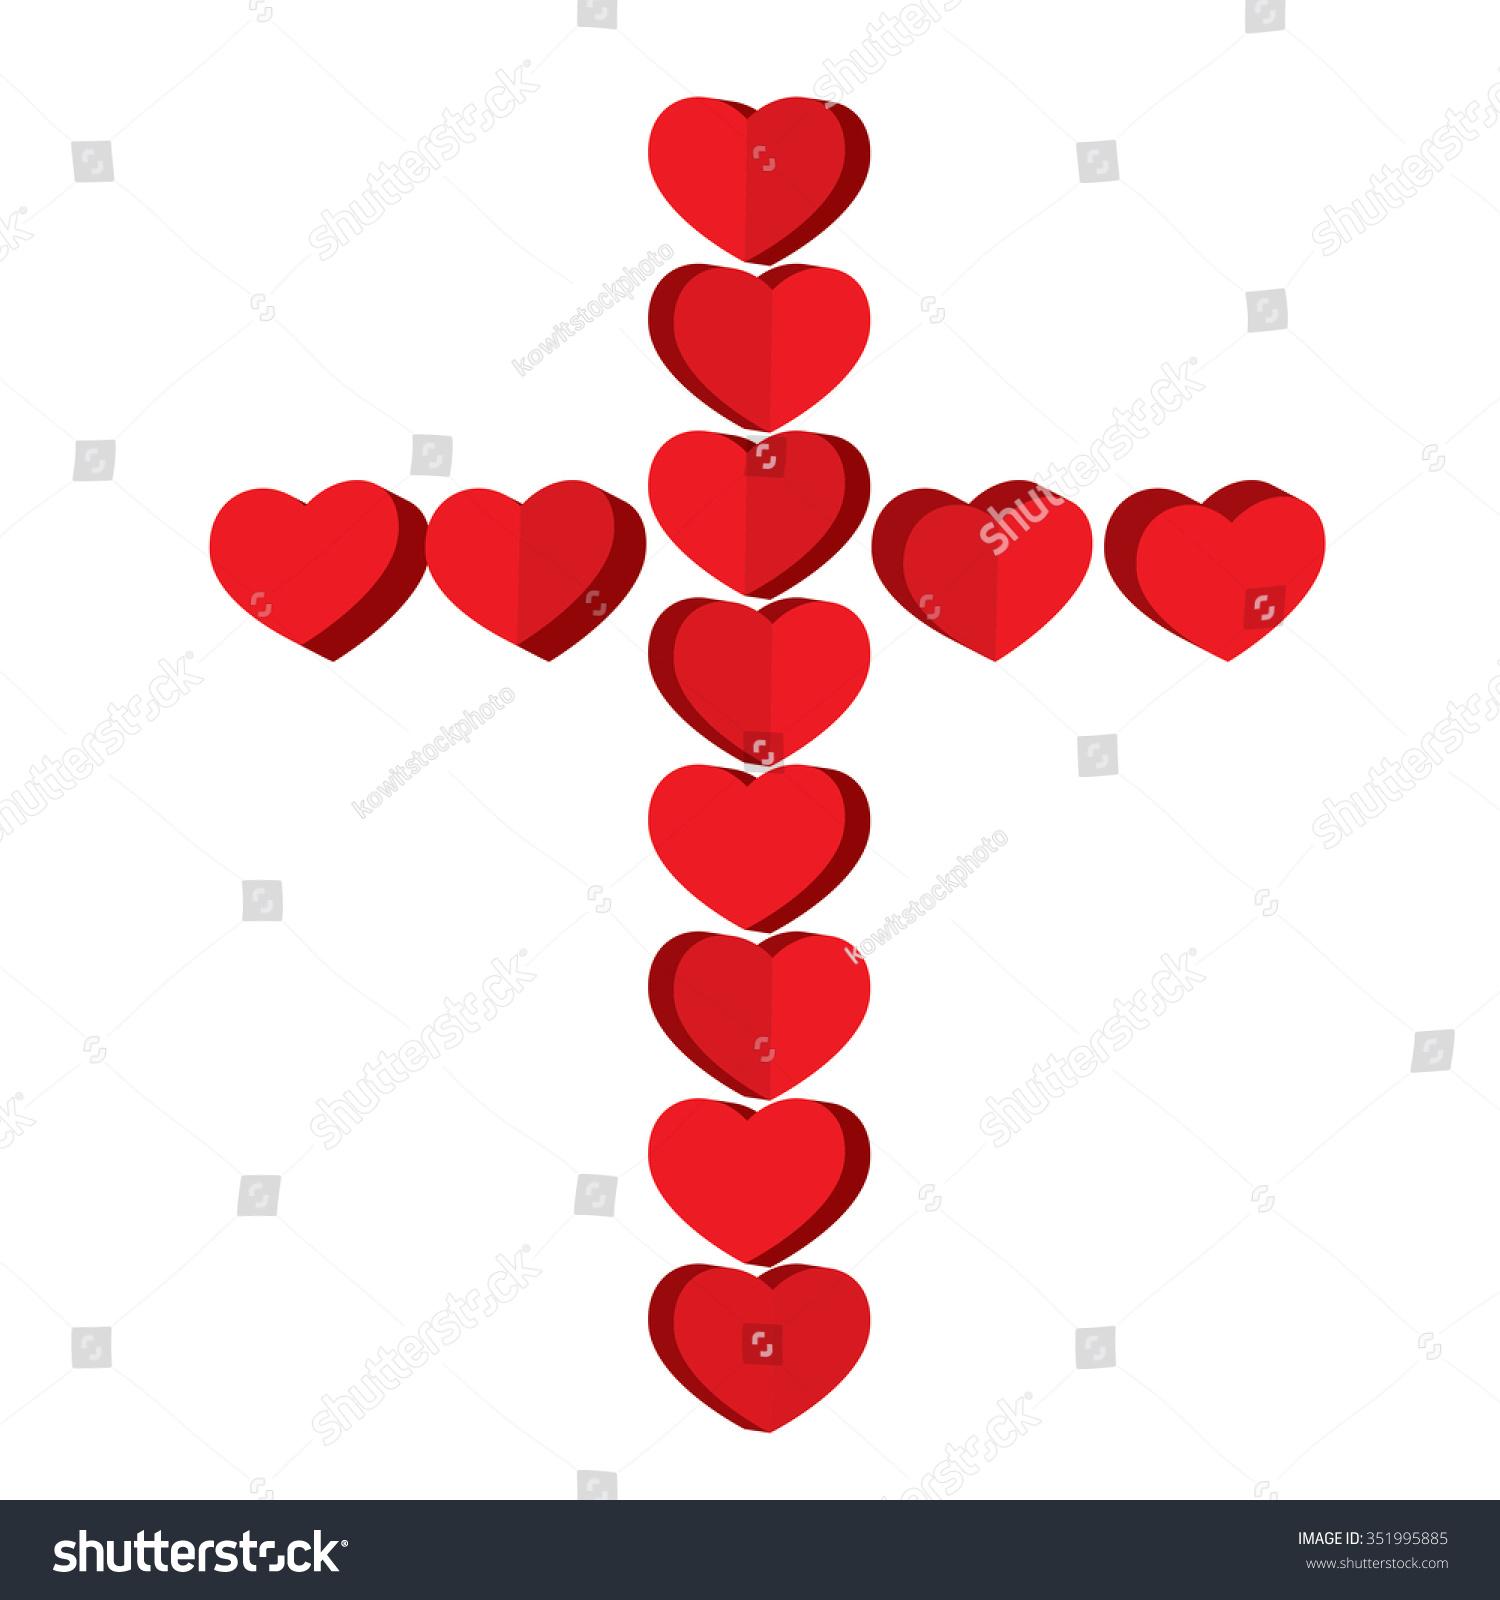 The Heart Is The Cross Jesus: Vector. - 351995885 : Shutterstock